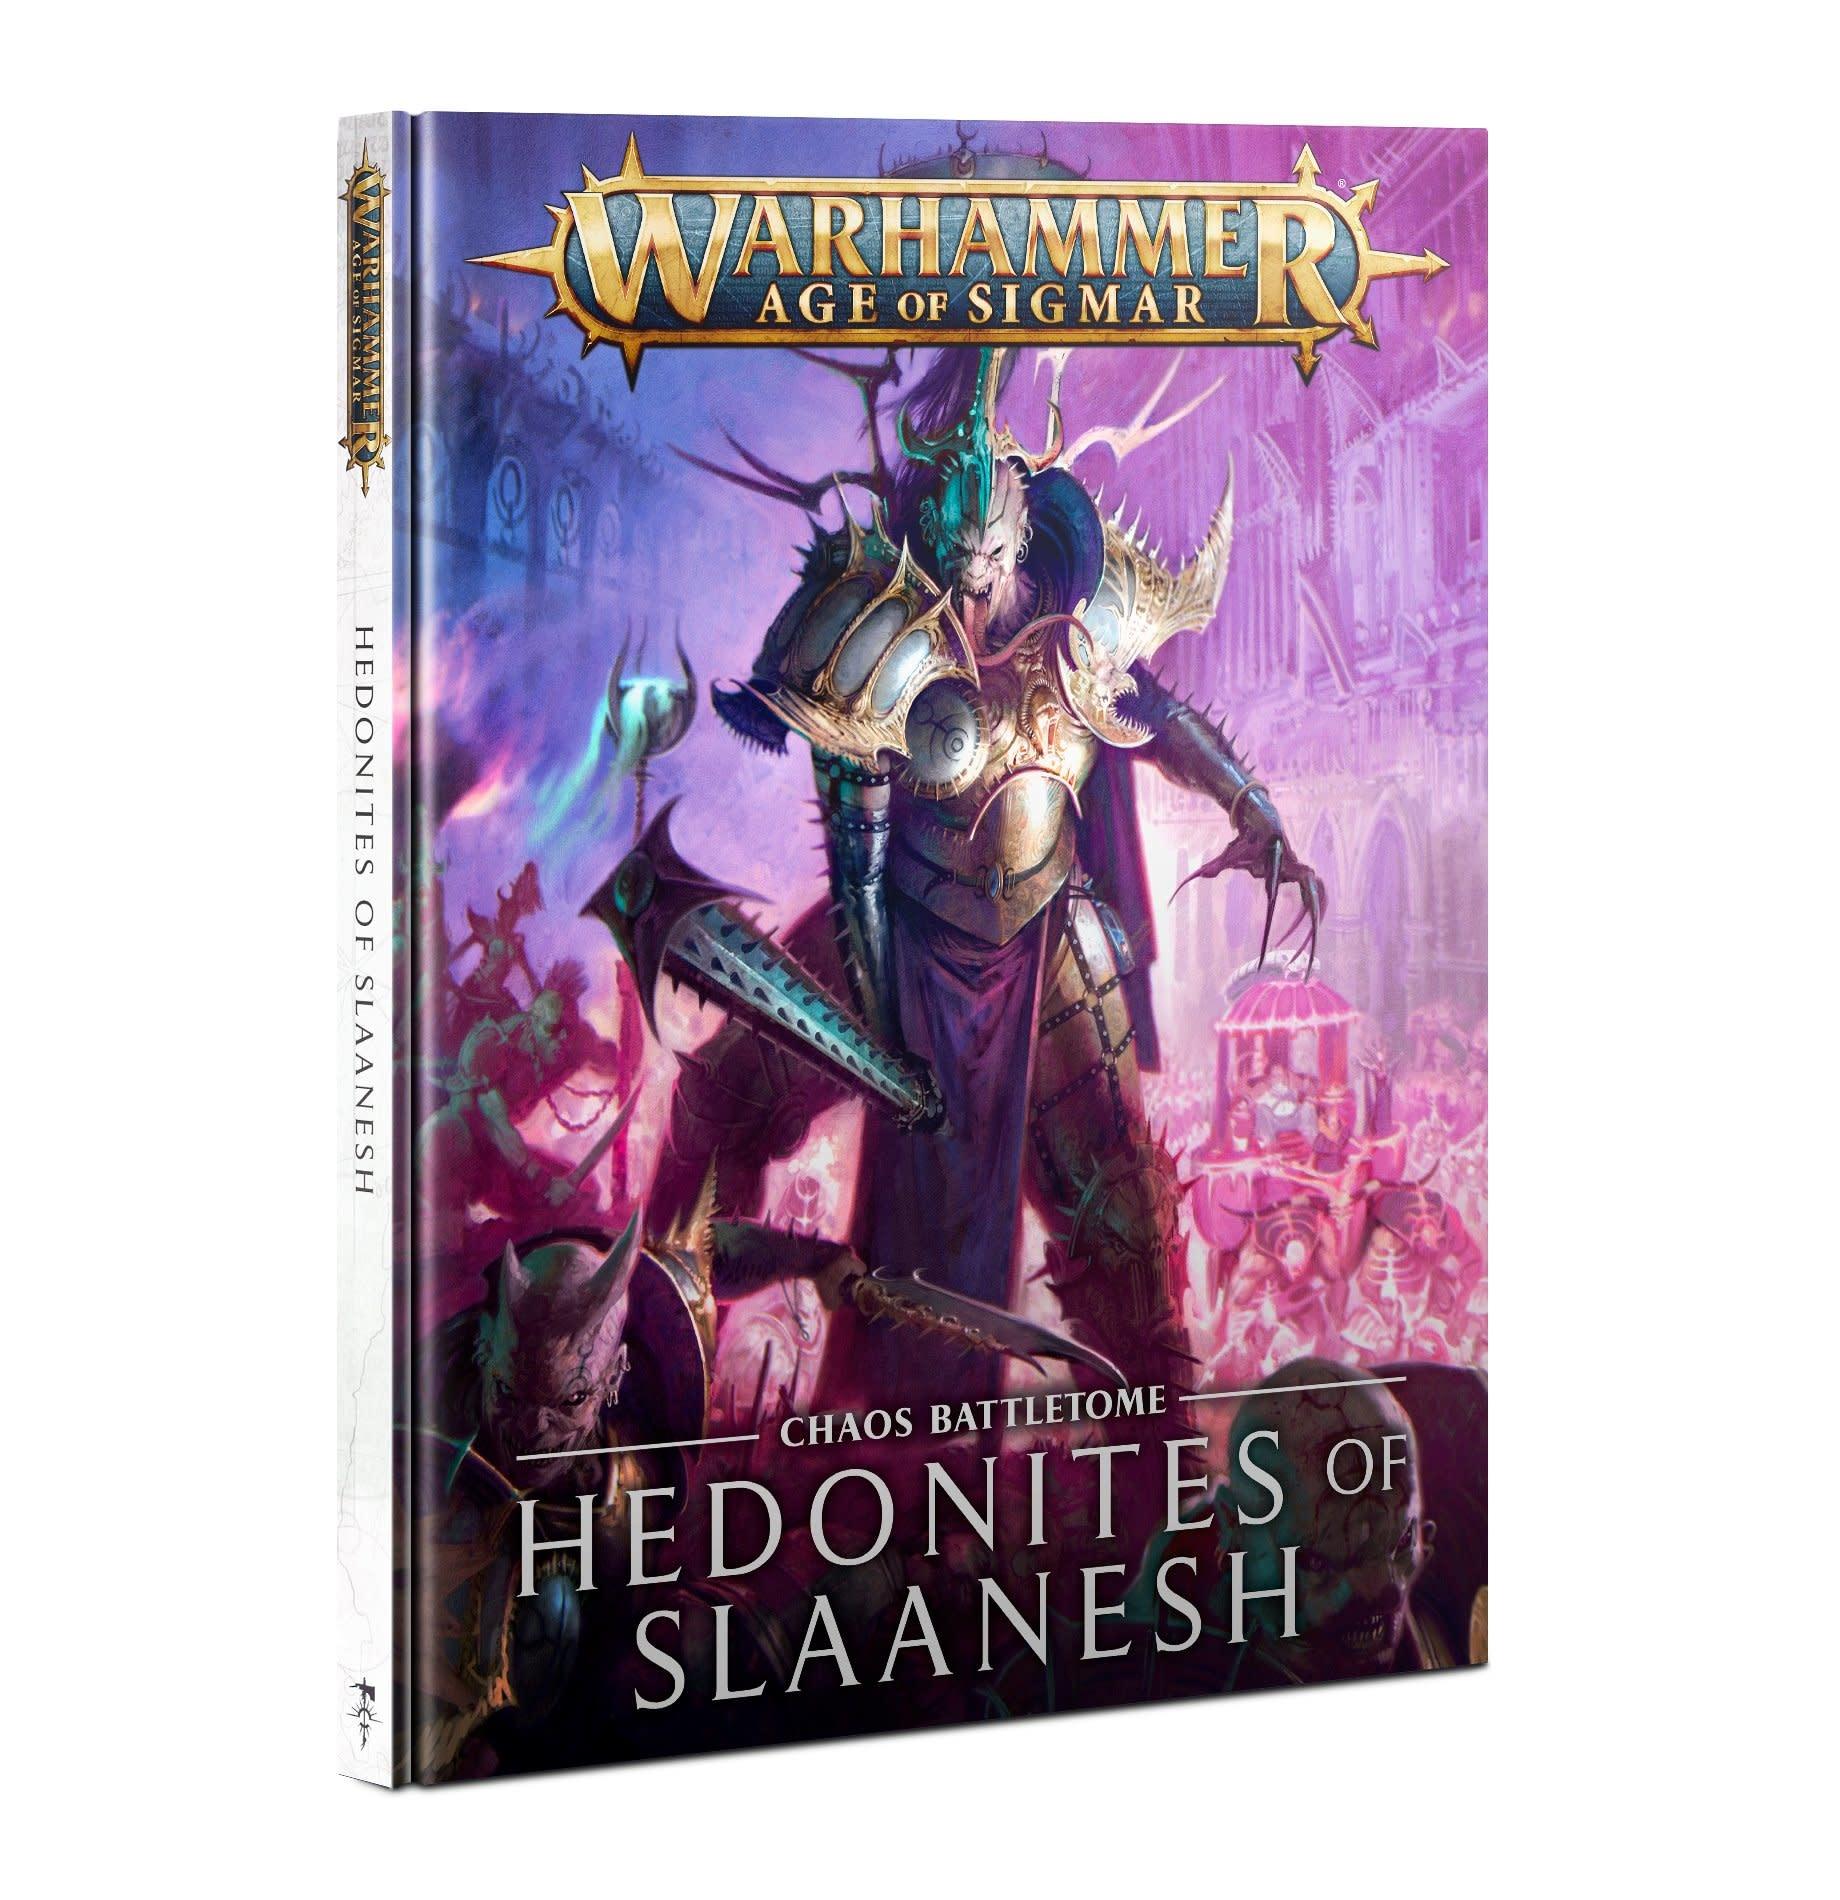 Games-Workshop Battletome: Hedonites of Slaanesh